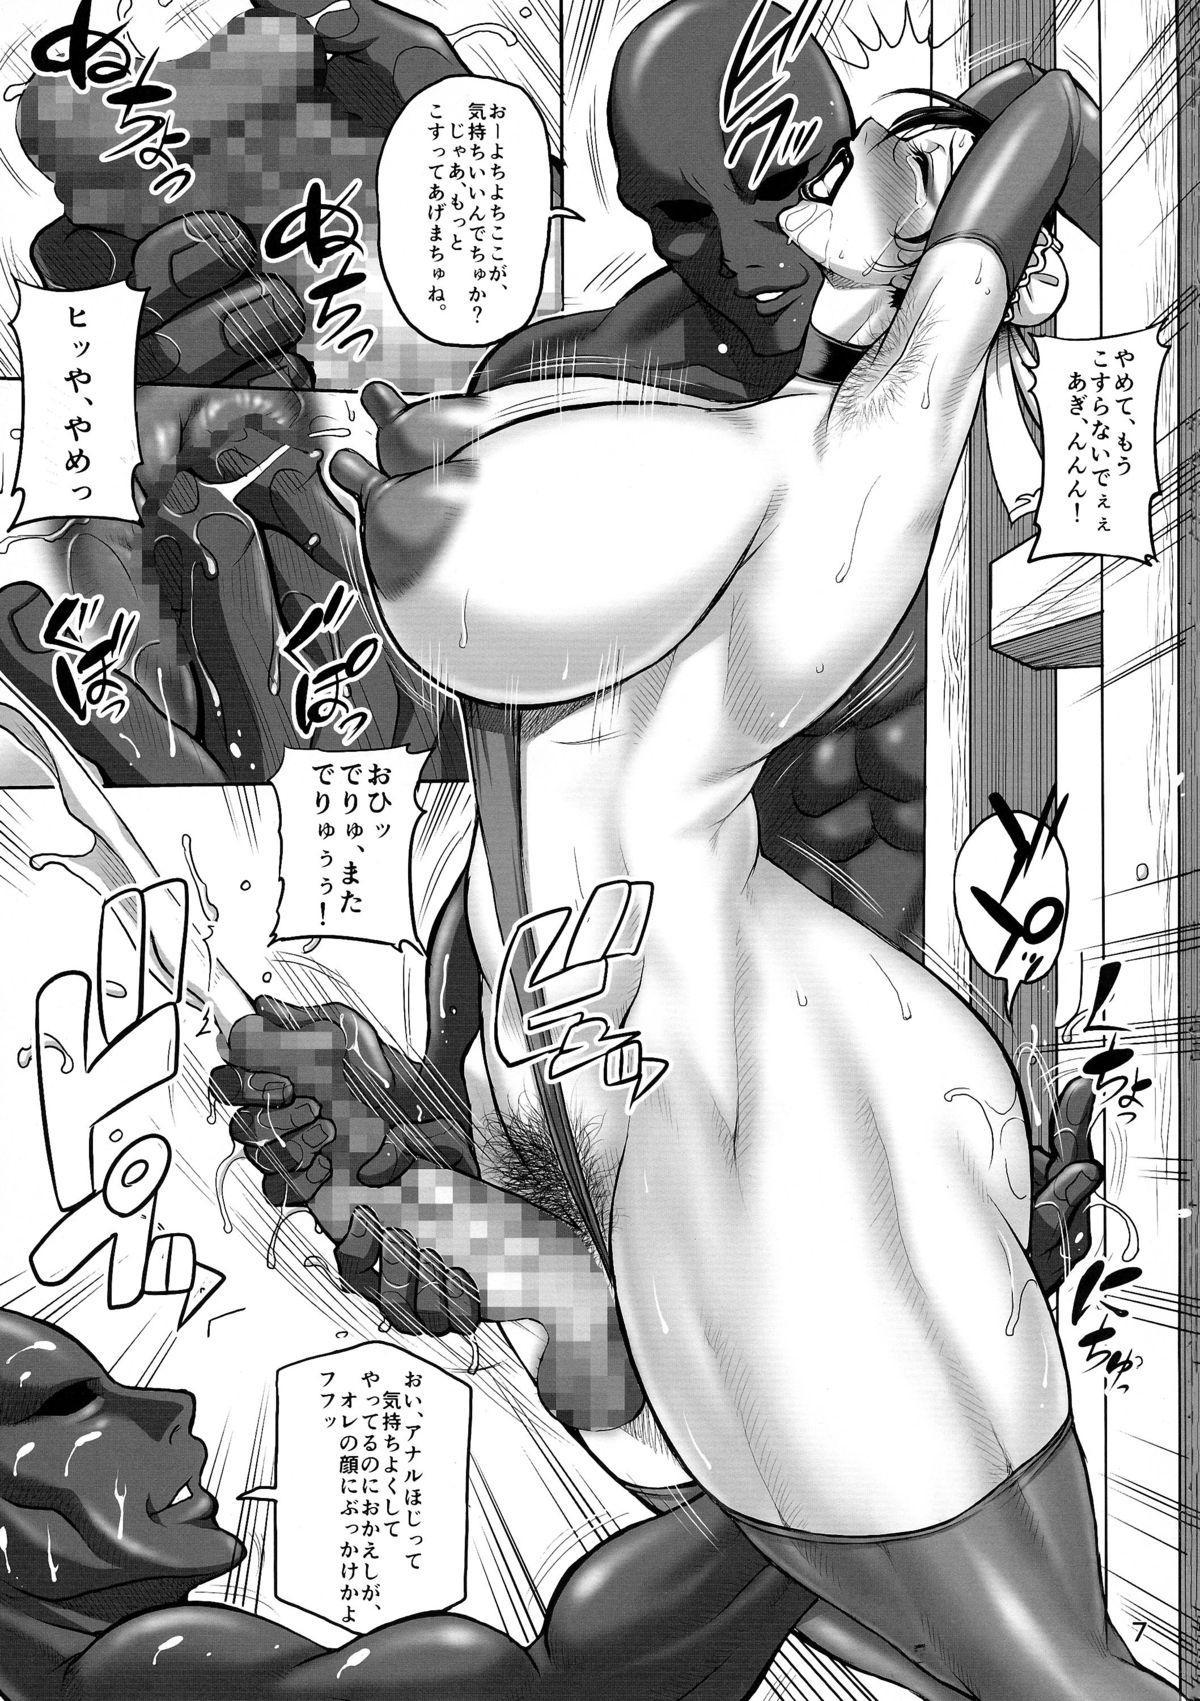 Seigi no Daishou 2 8